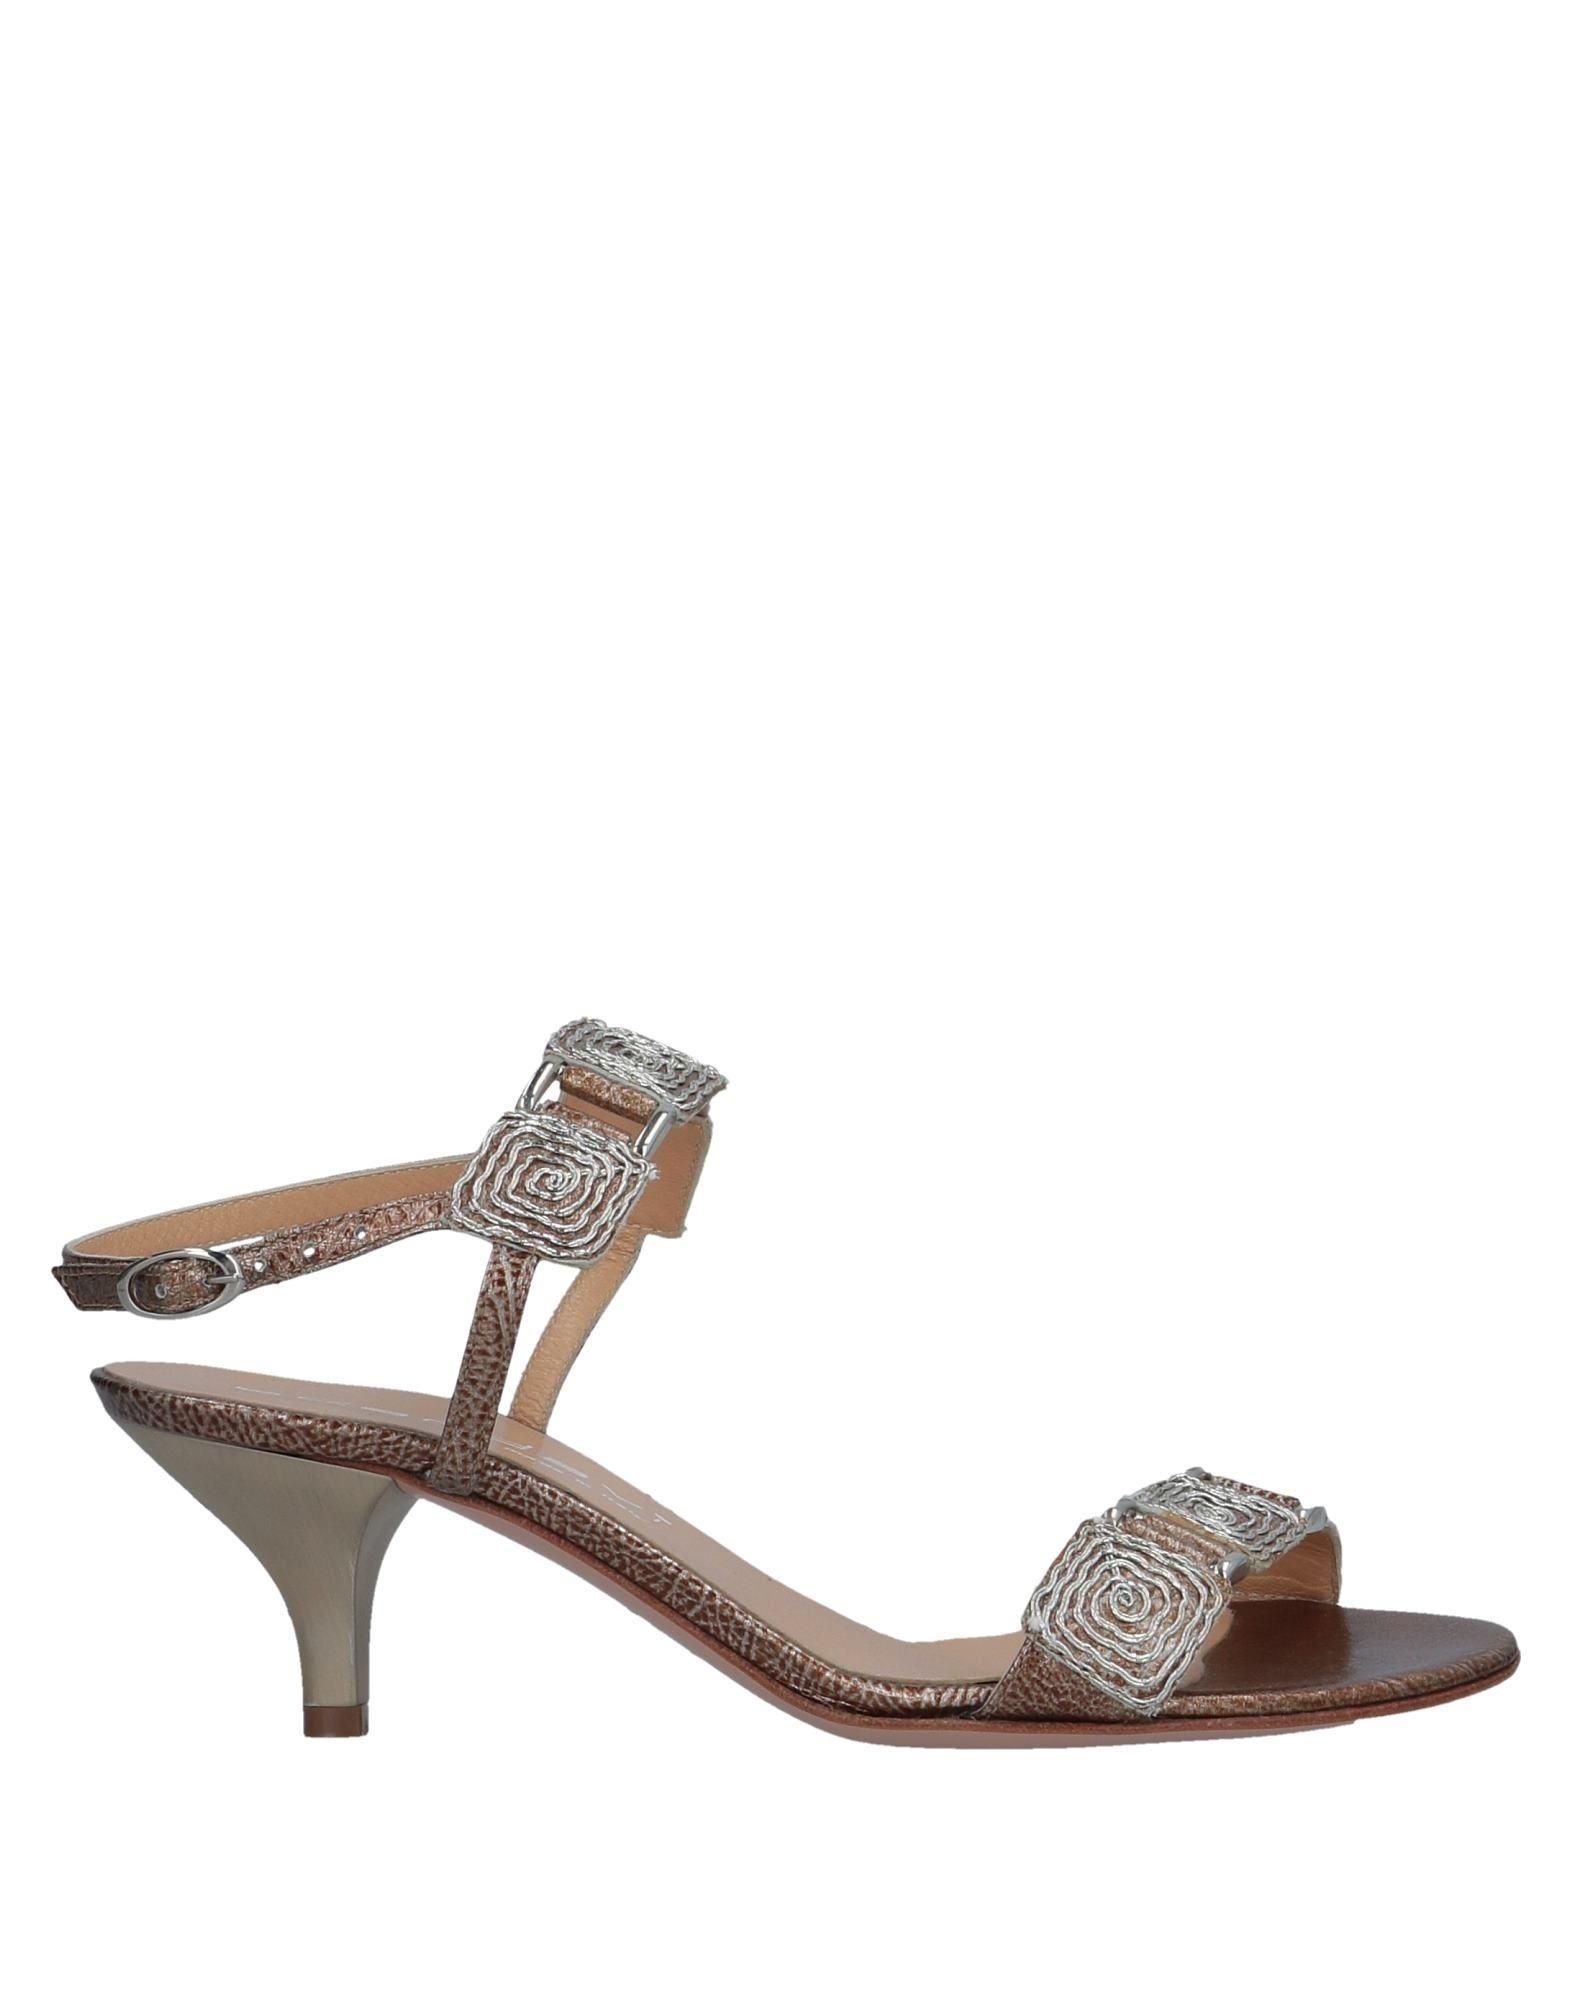 Scardavi Sandalen Damen  11525243IX Gute Qualität beliebte Schuhe